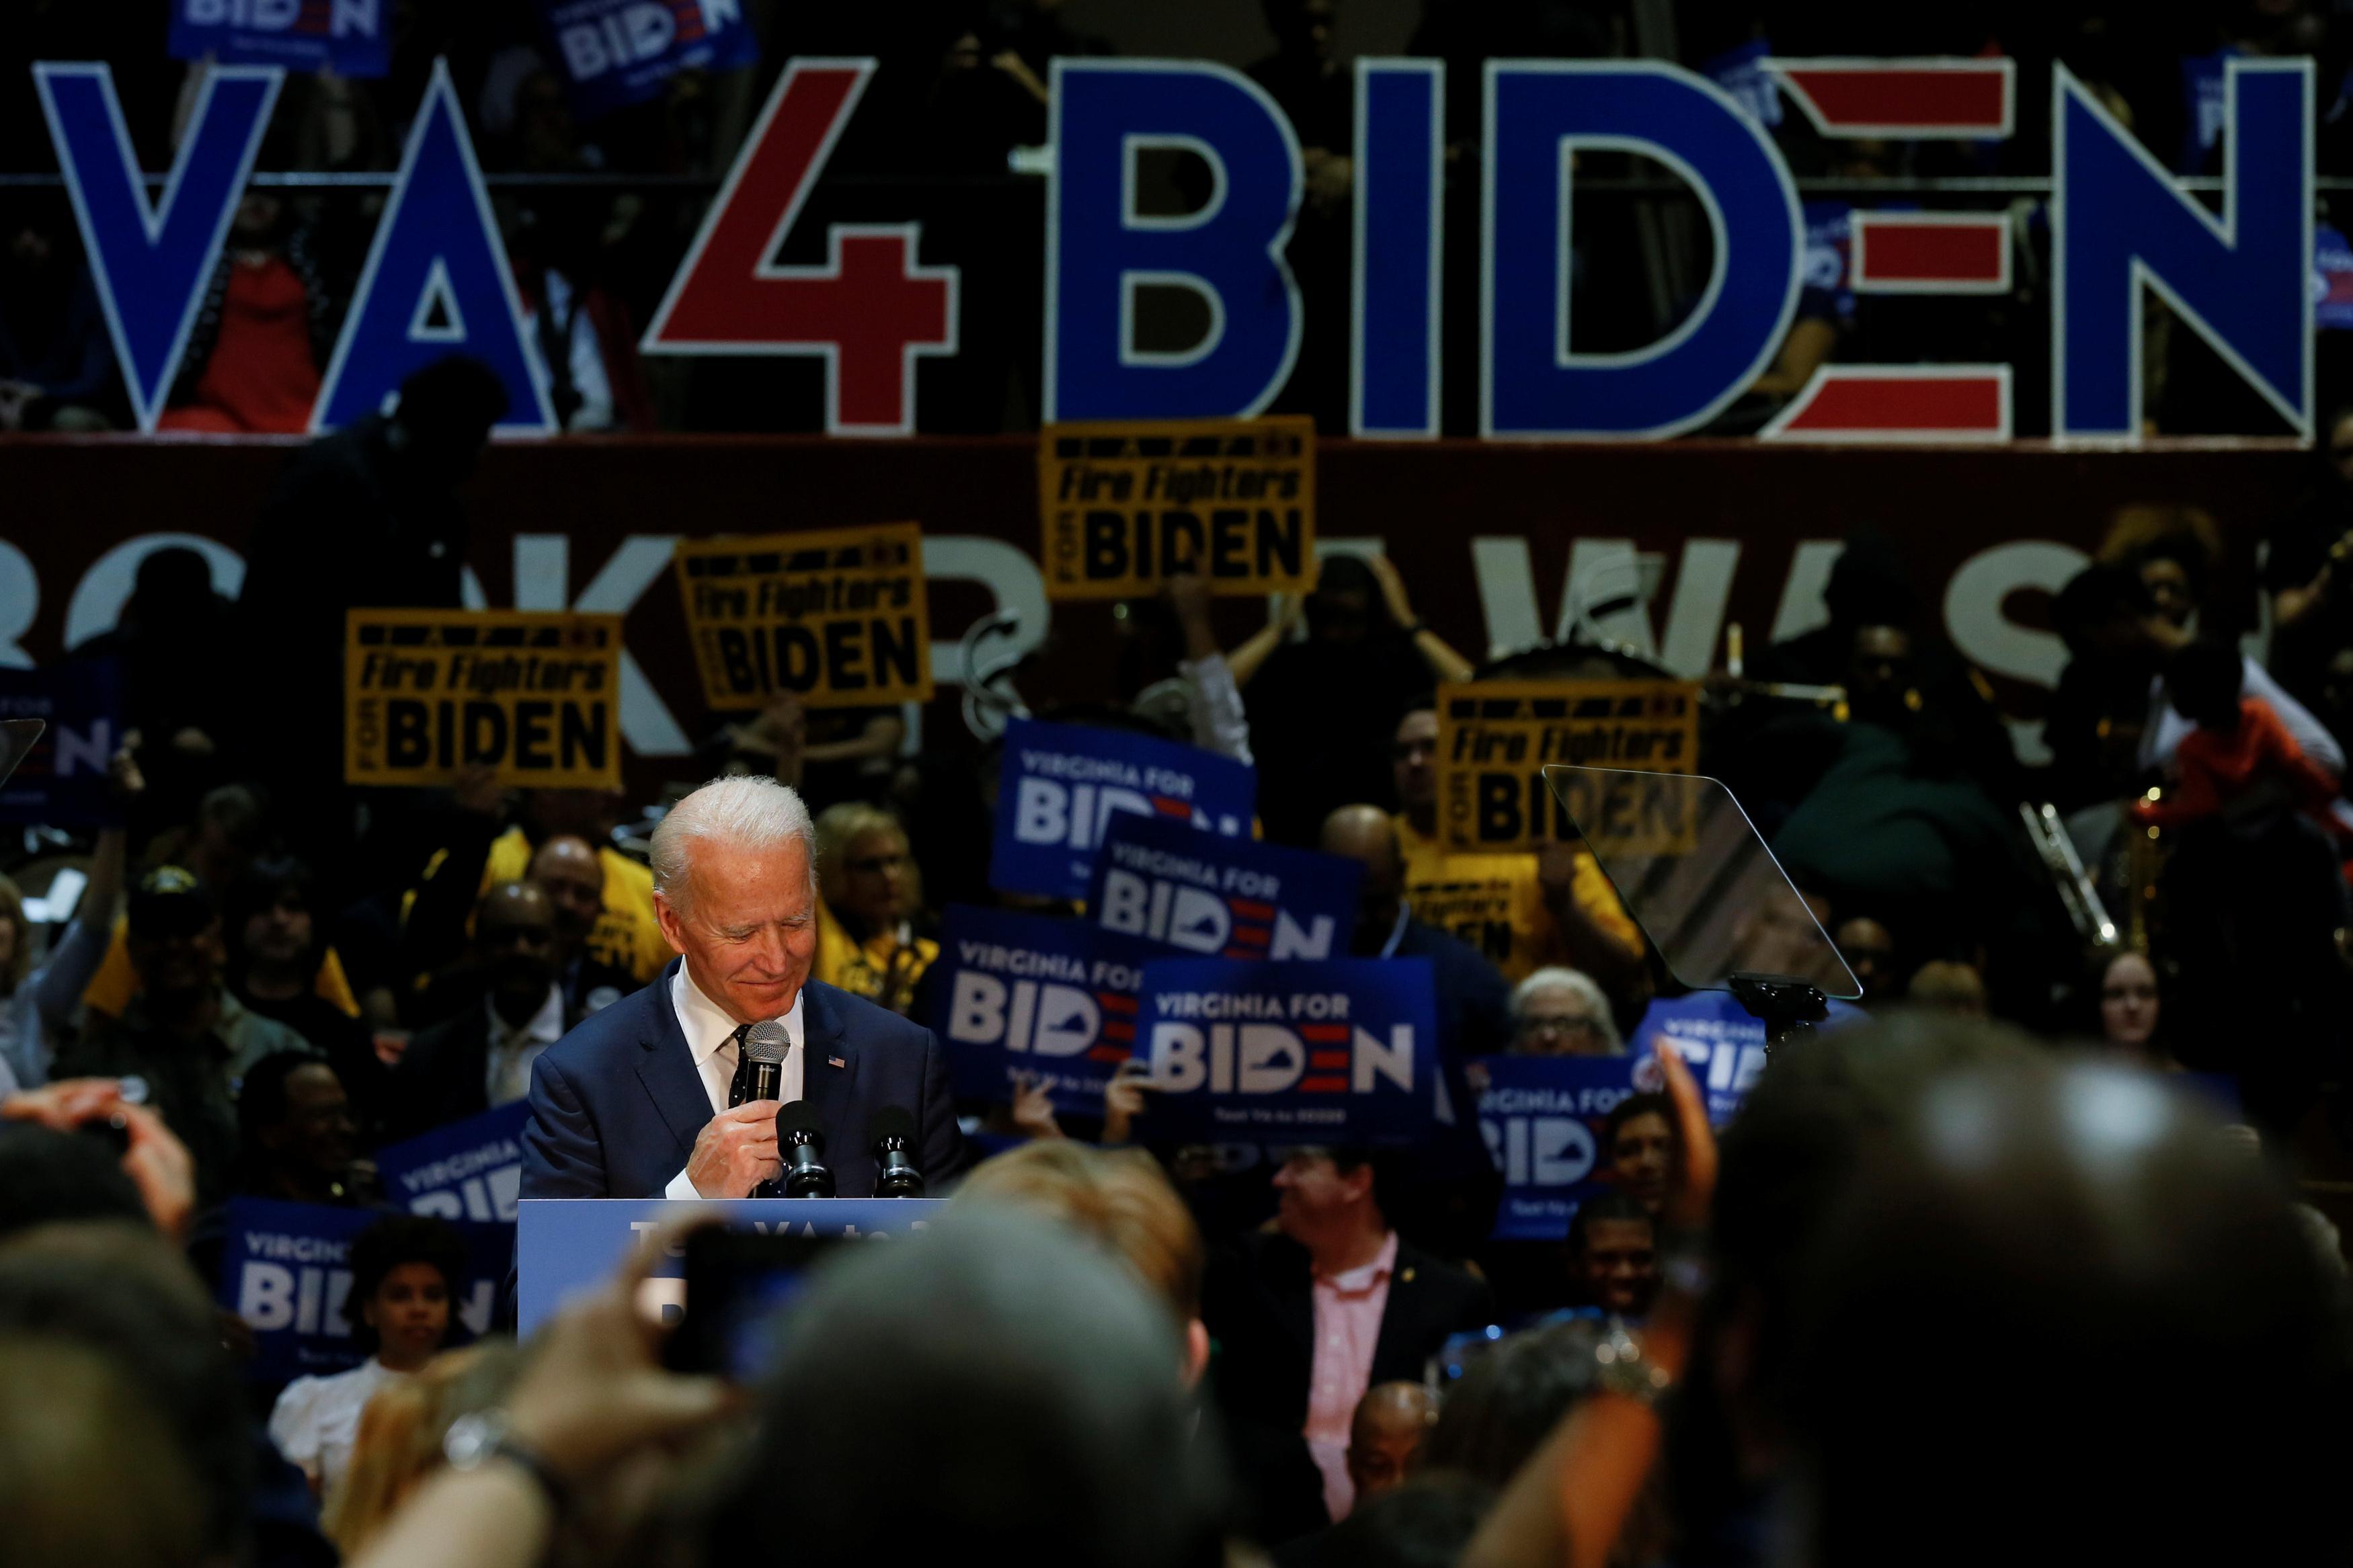 Factbox: Cinq démocrates continuent de se battre pour la nomination présidentielle américaine